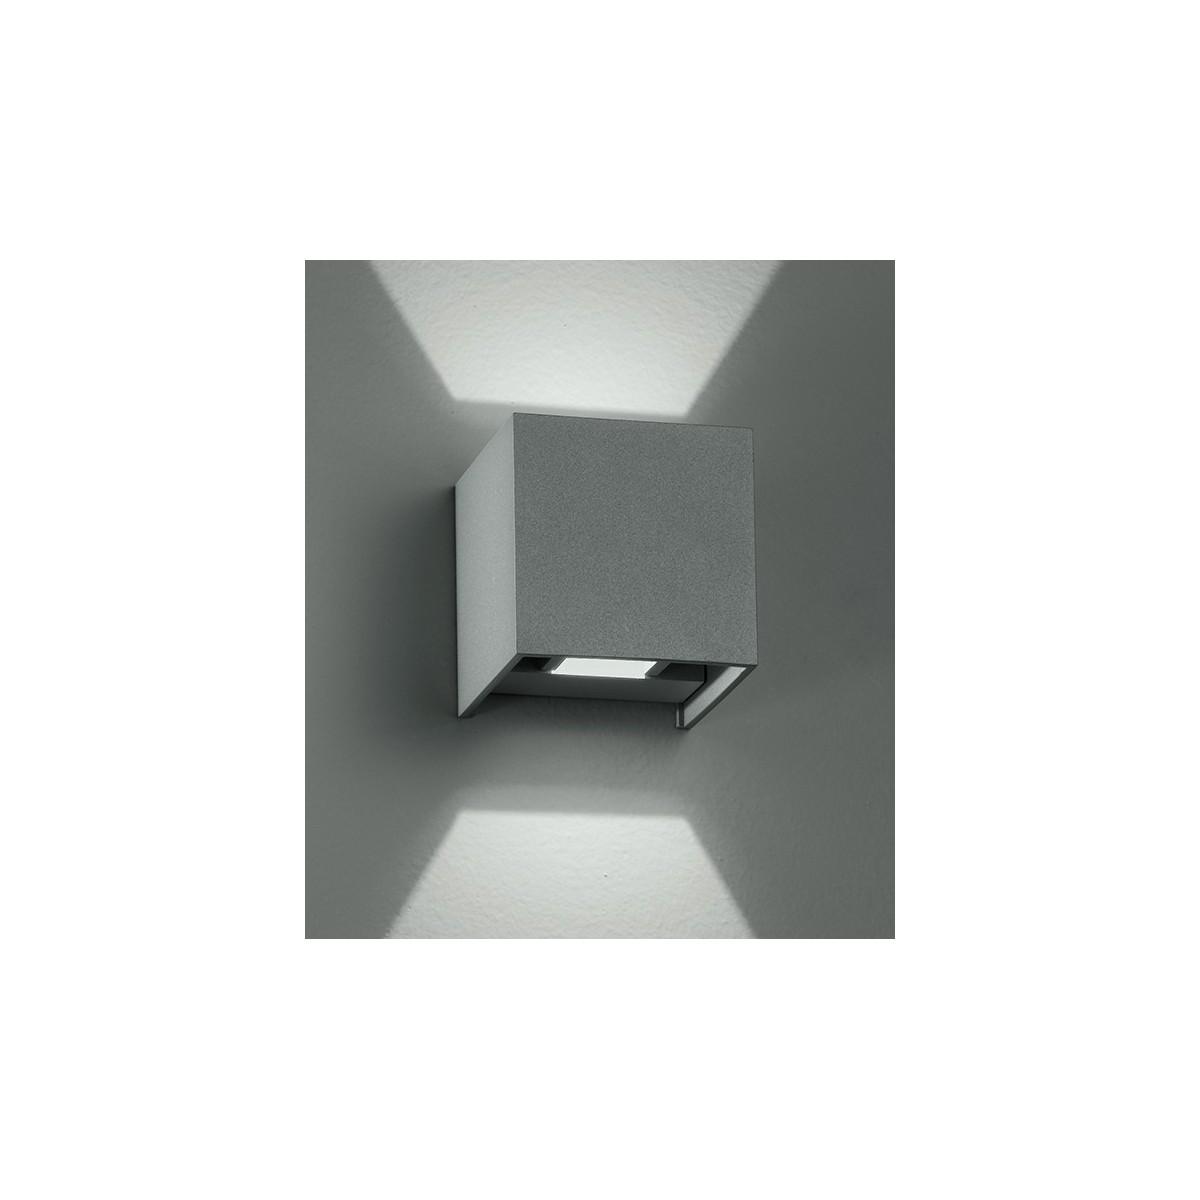 Led-W-Alfa / 2W - Applique murale à led argentée avec forme cubique 4 Watt 3000 Kelvin